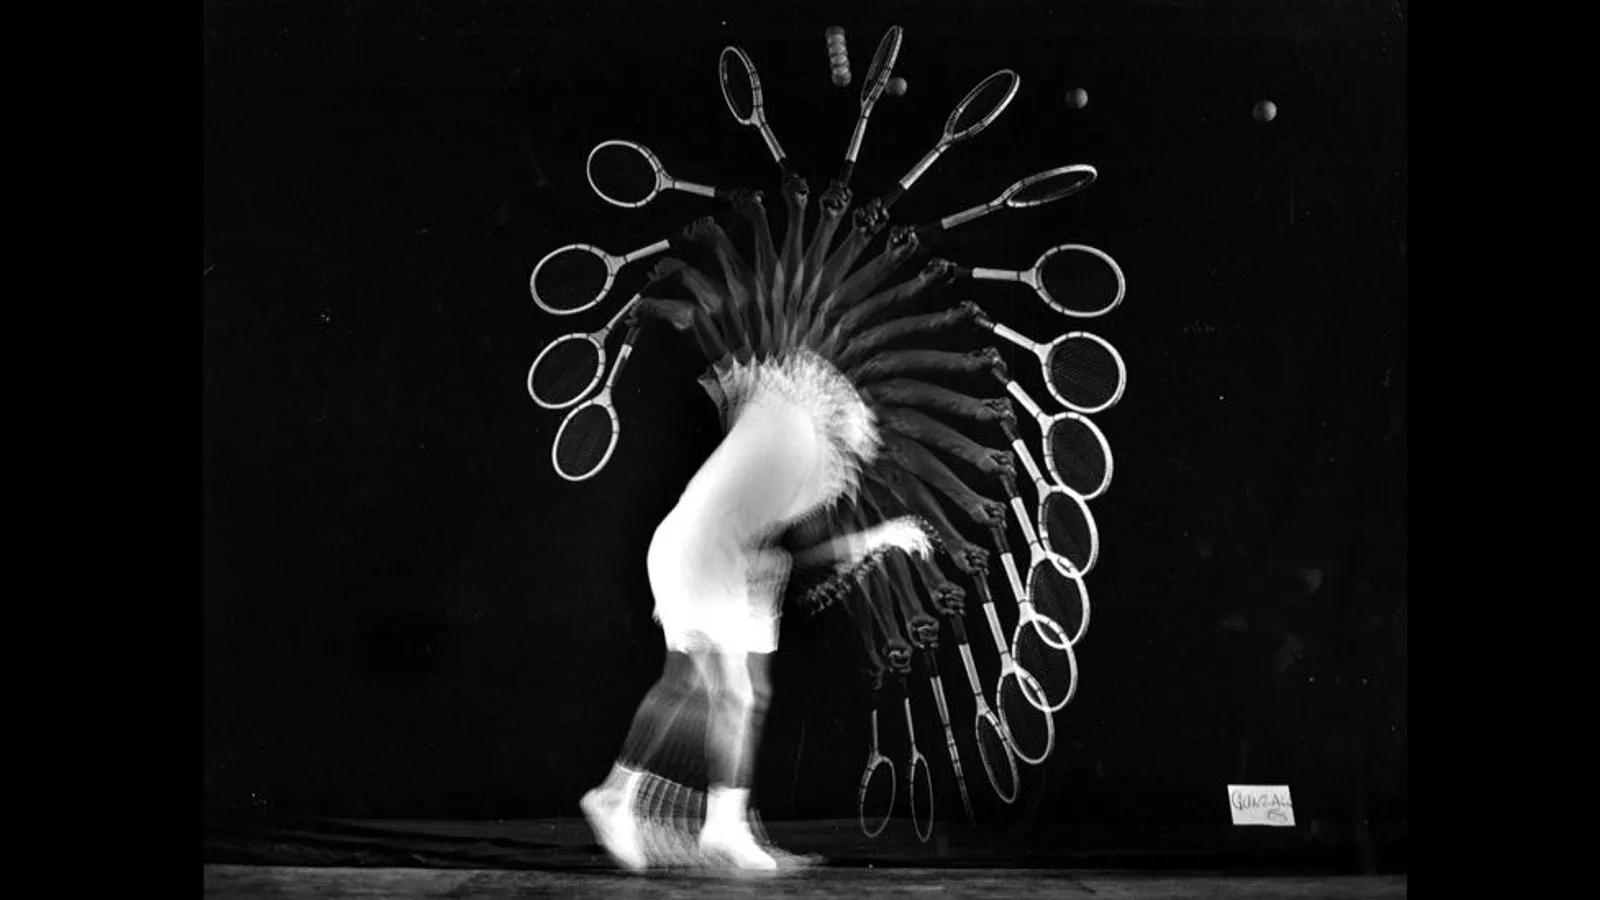 Stroboscopic photo by Harold Edgerton